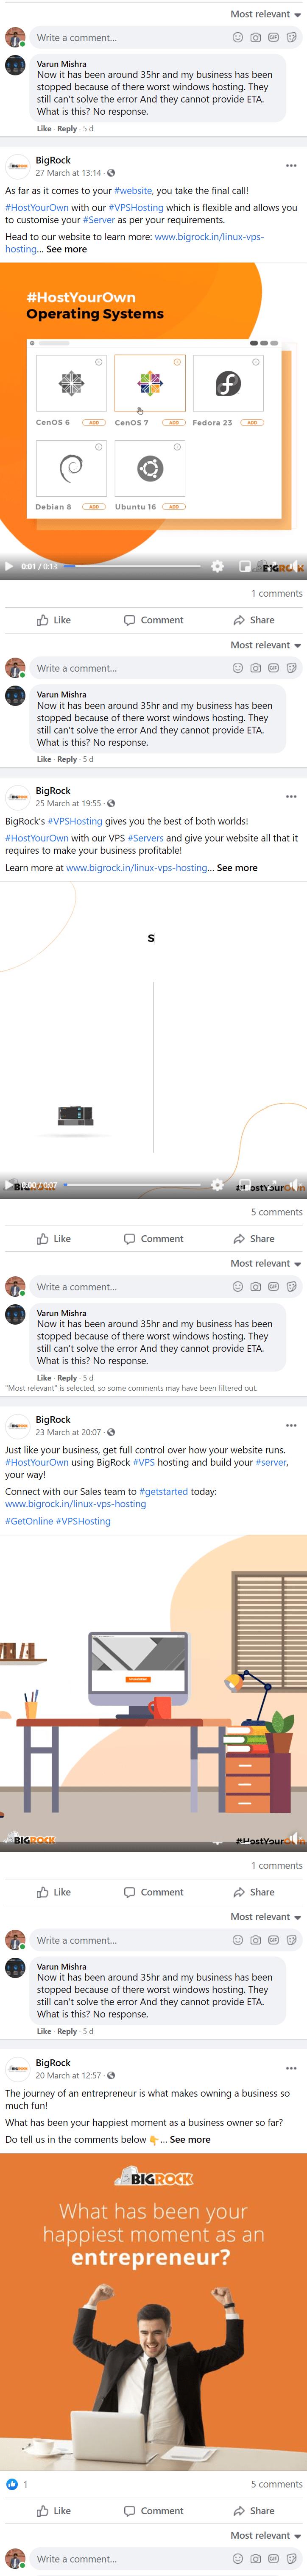 BigRock-Facebook-customer-review